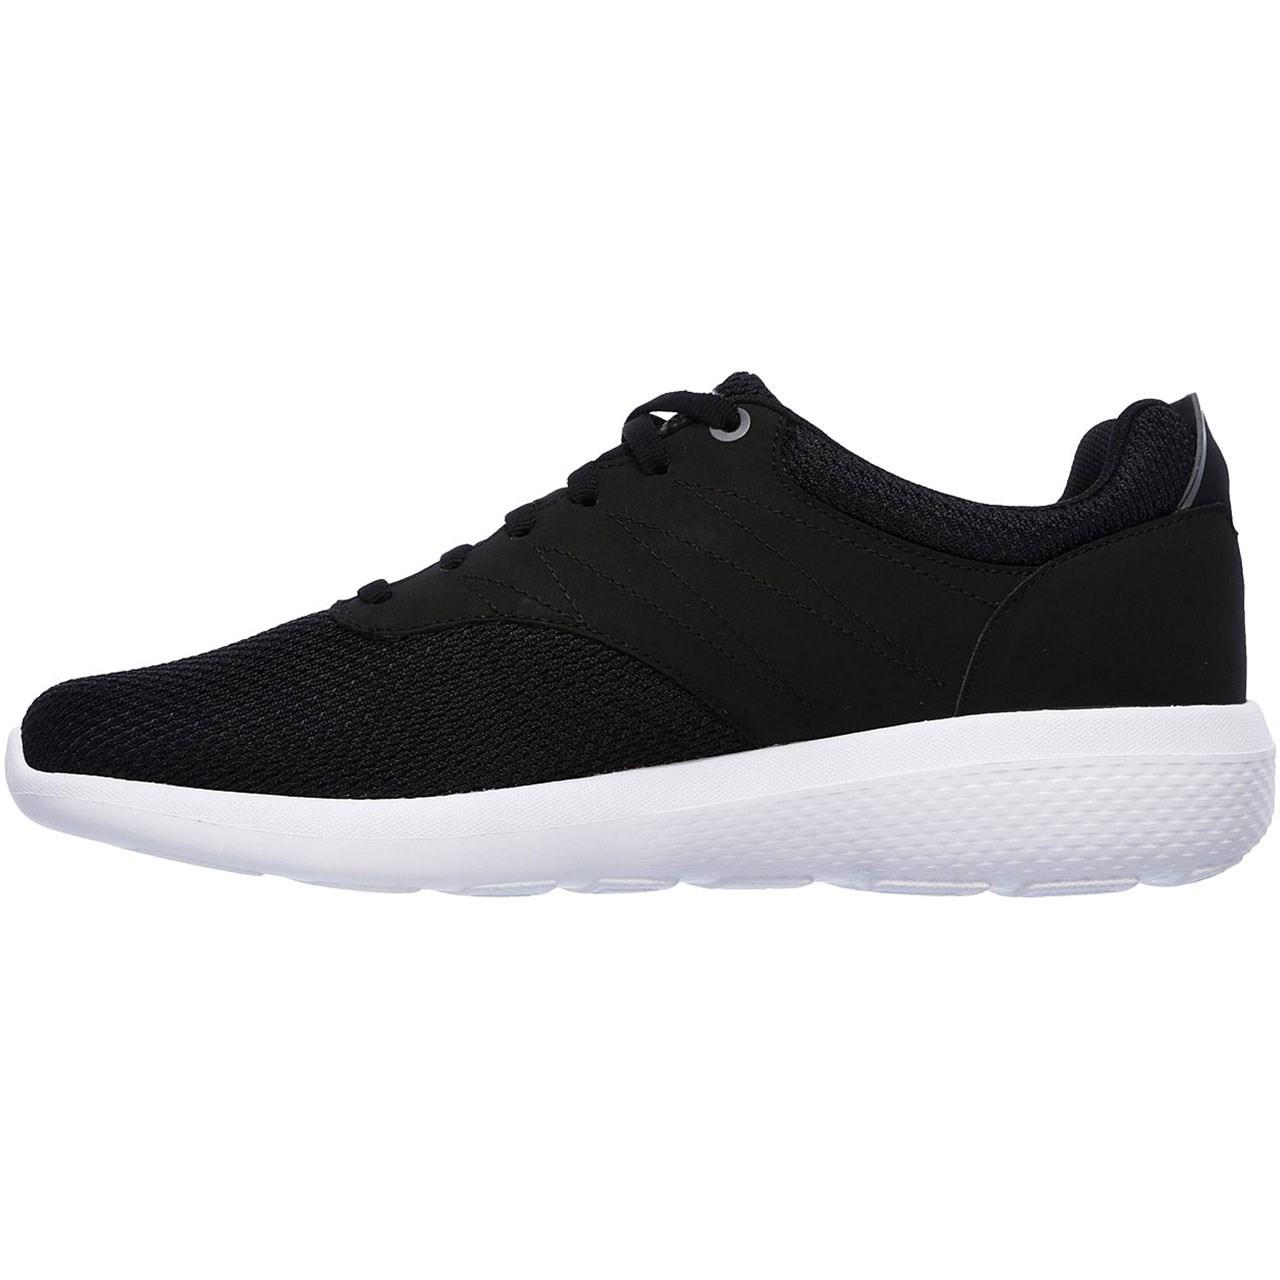 قیمت کفش مخصوص پیاده روی مردانه اسکچرز مدل Go Walk City 2 - Enzo